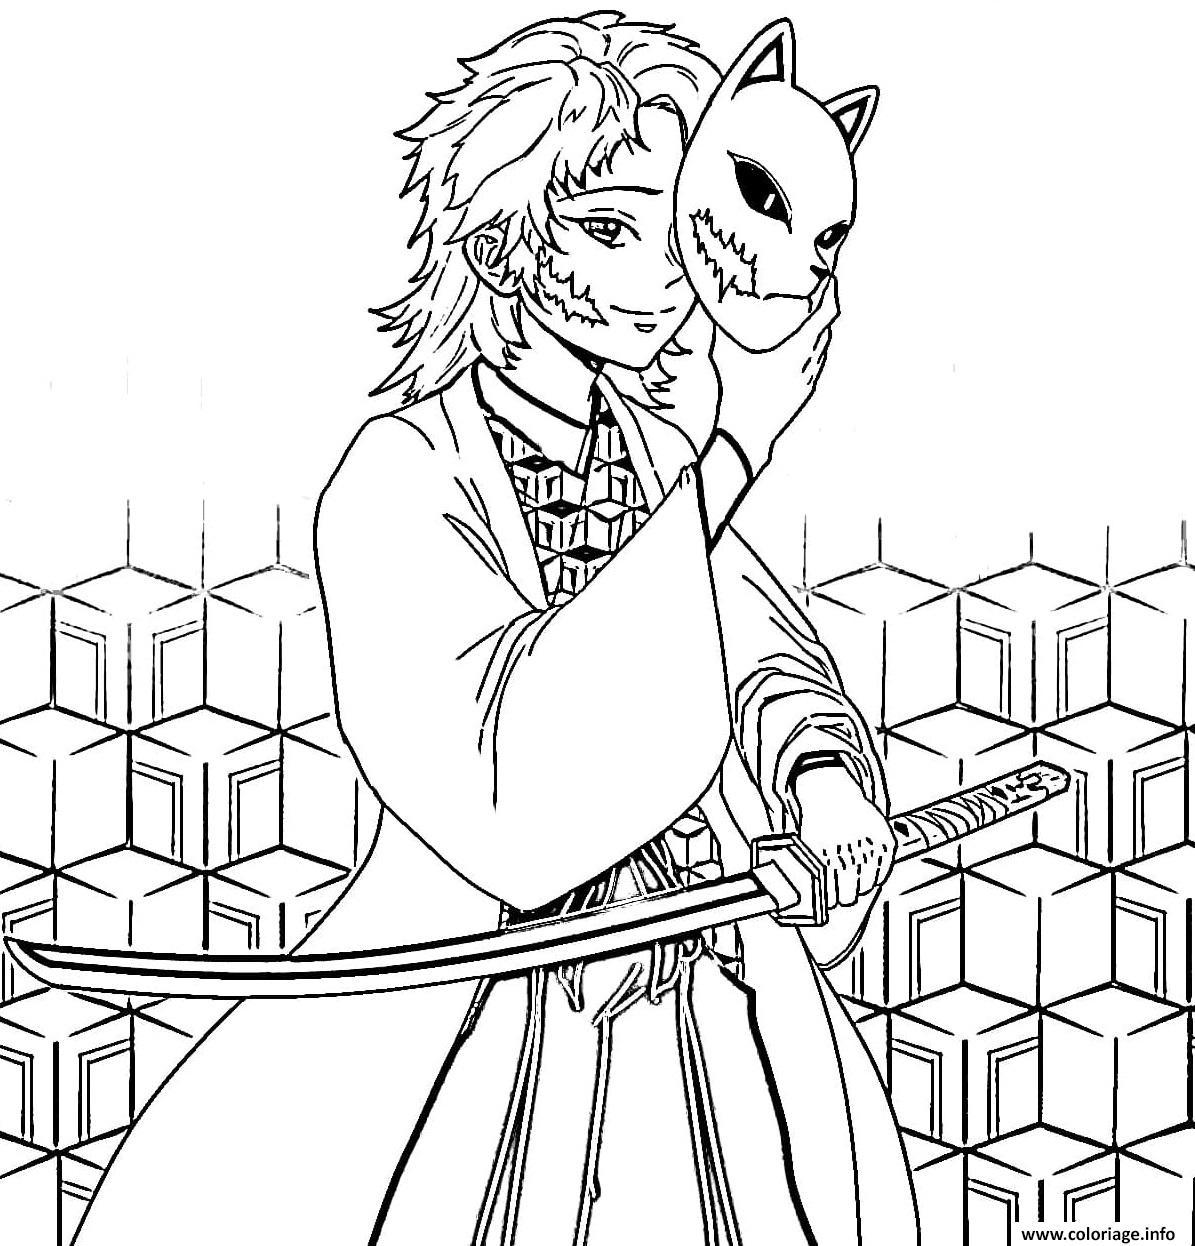 Dessin Sabito with mask demon slayer Coloriage Gratuit à Imprimer